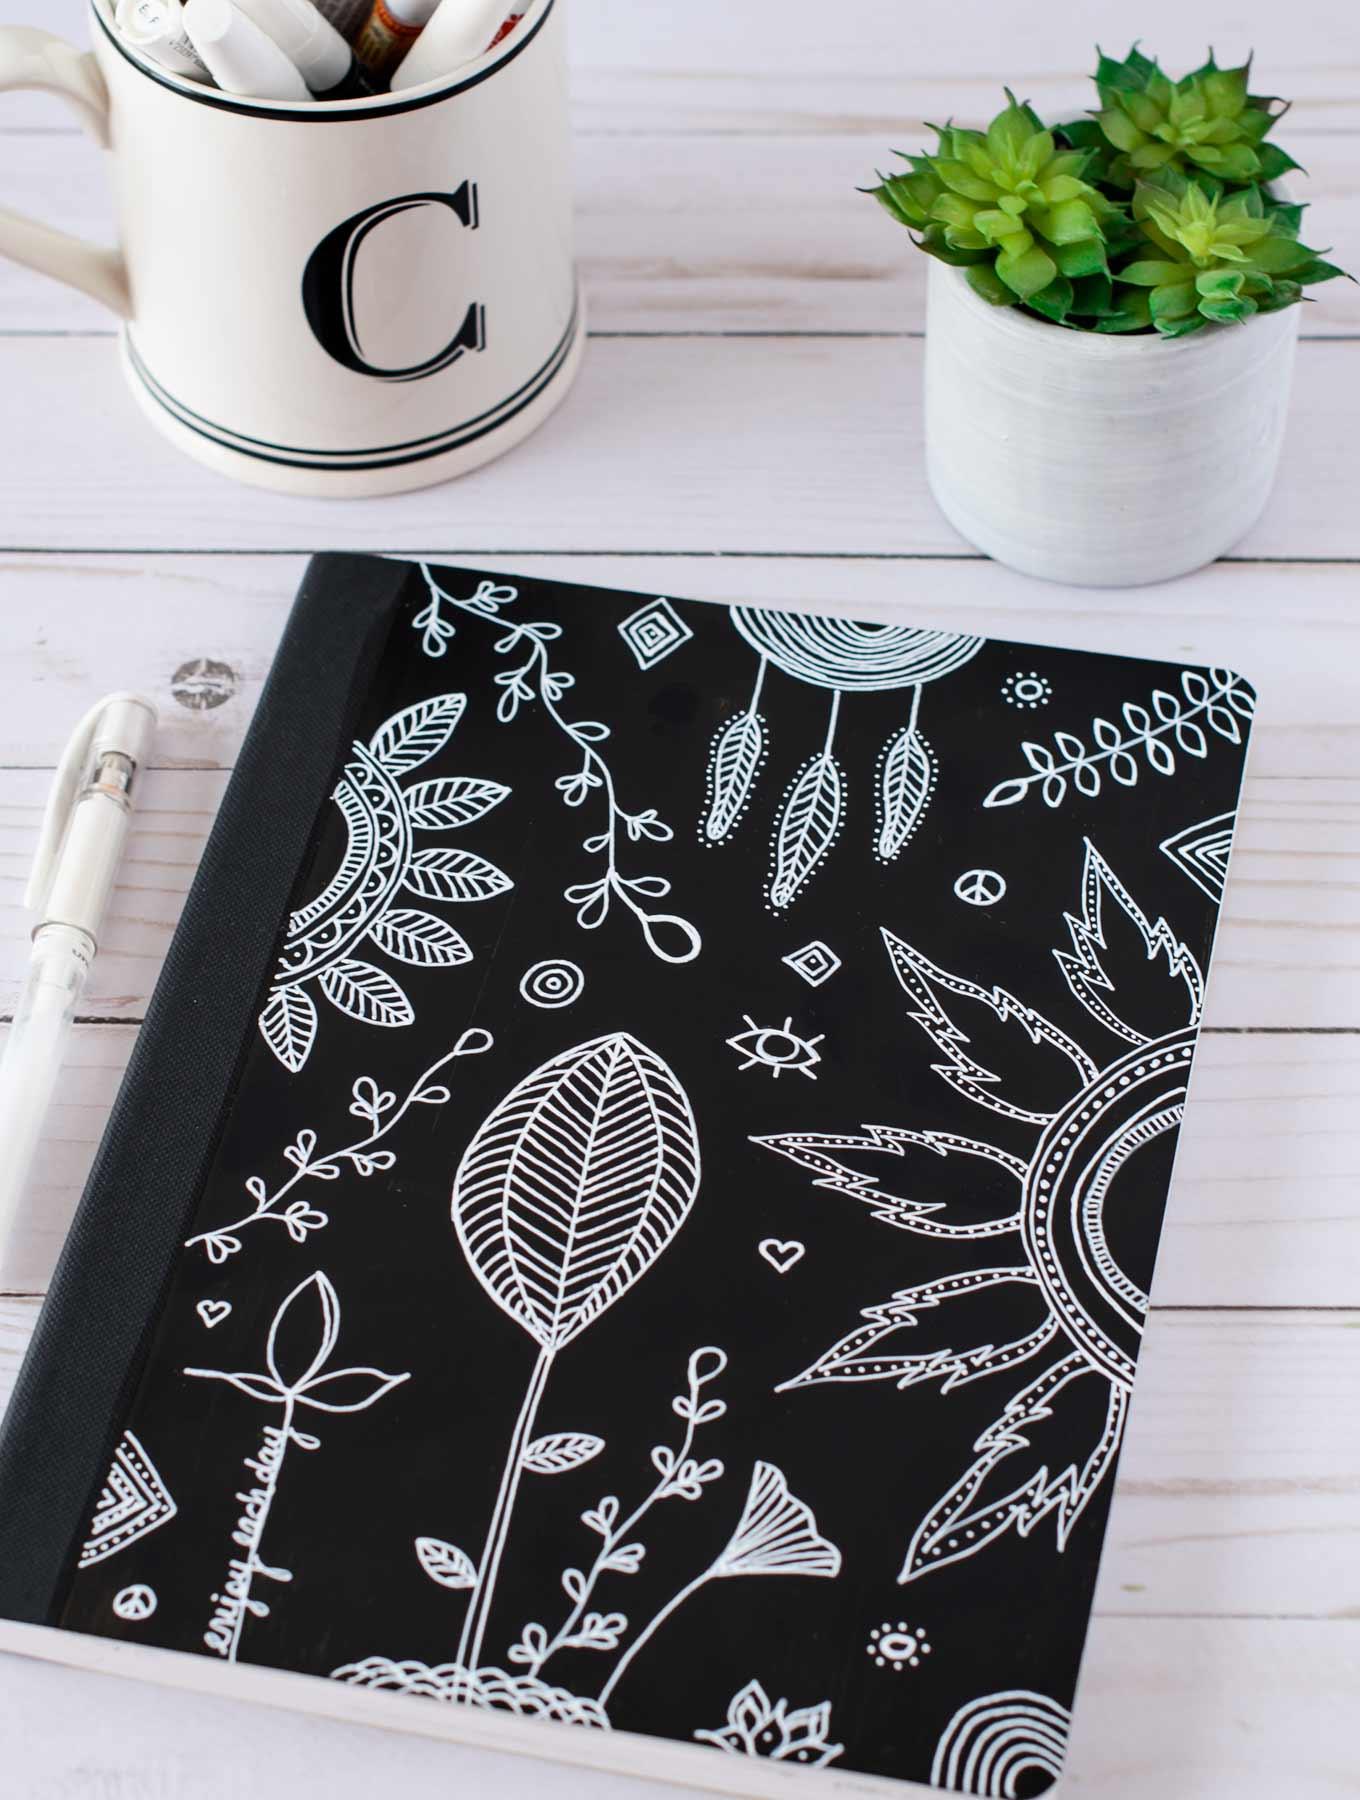 Black & white DIY art journal cover